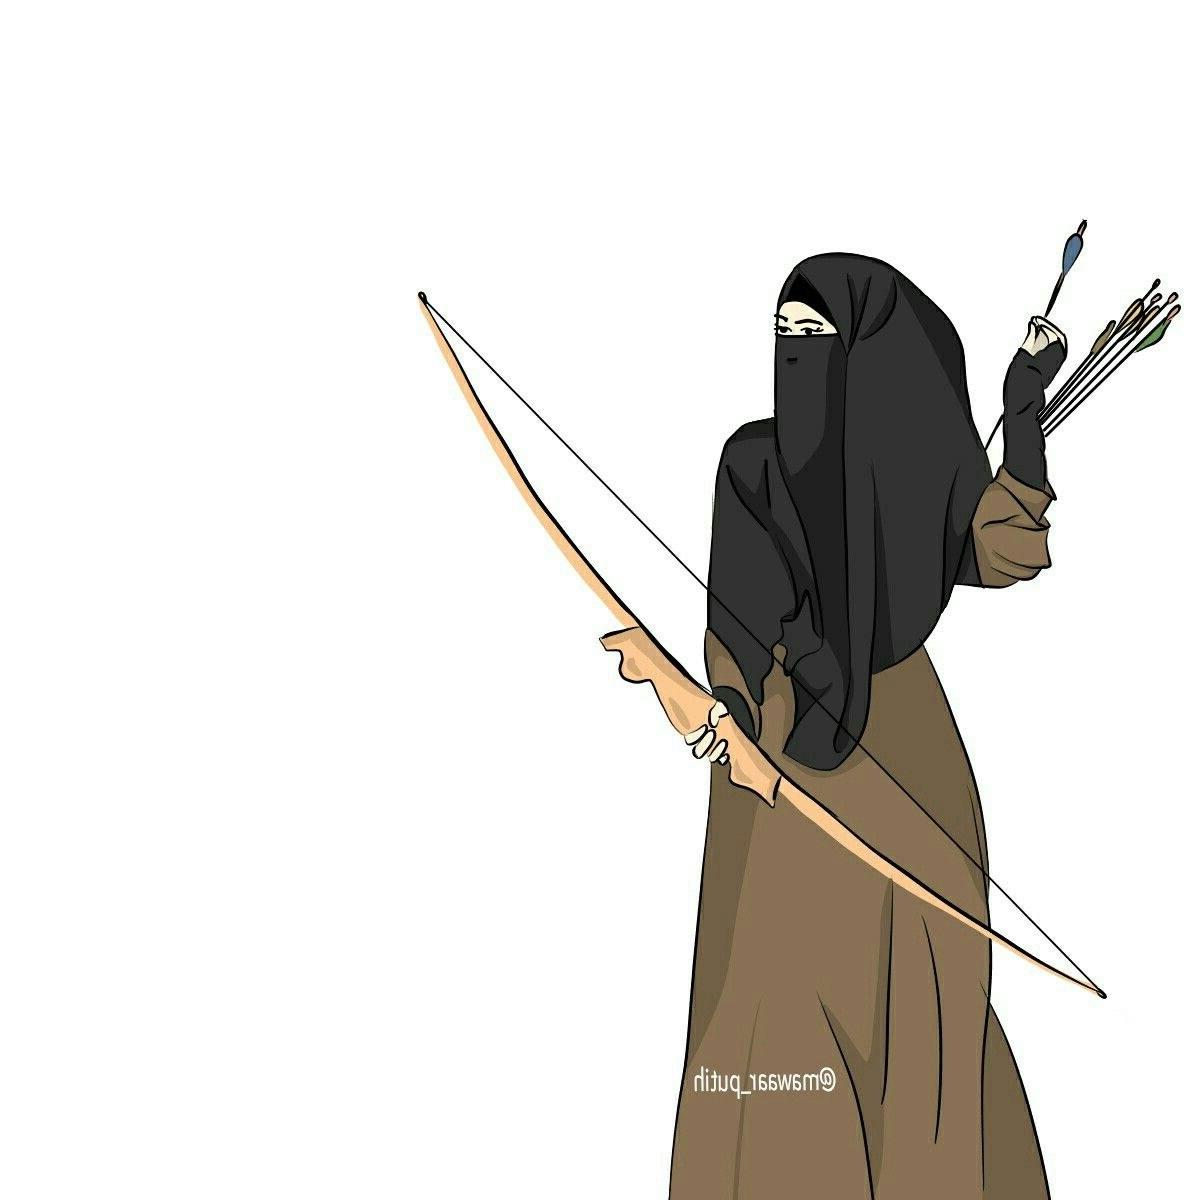 Model Muslimah Bercadar Animasi Qwdq Gambar Kartun Muslimah Memanah Koleksi Gambar Hd